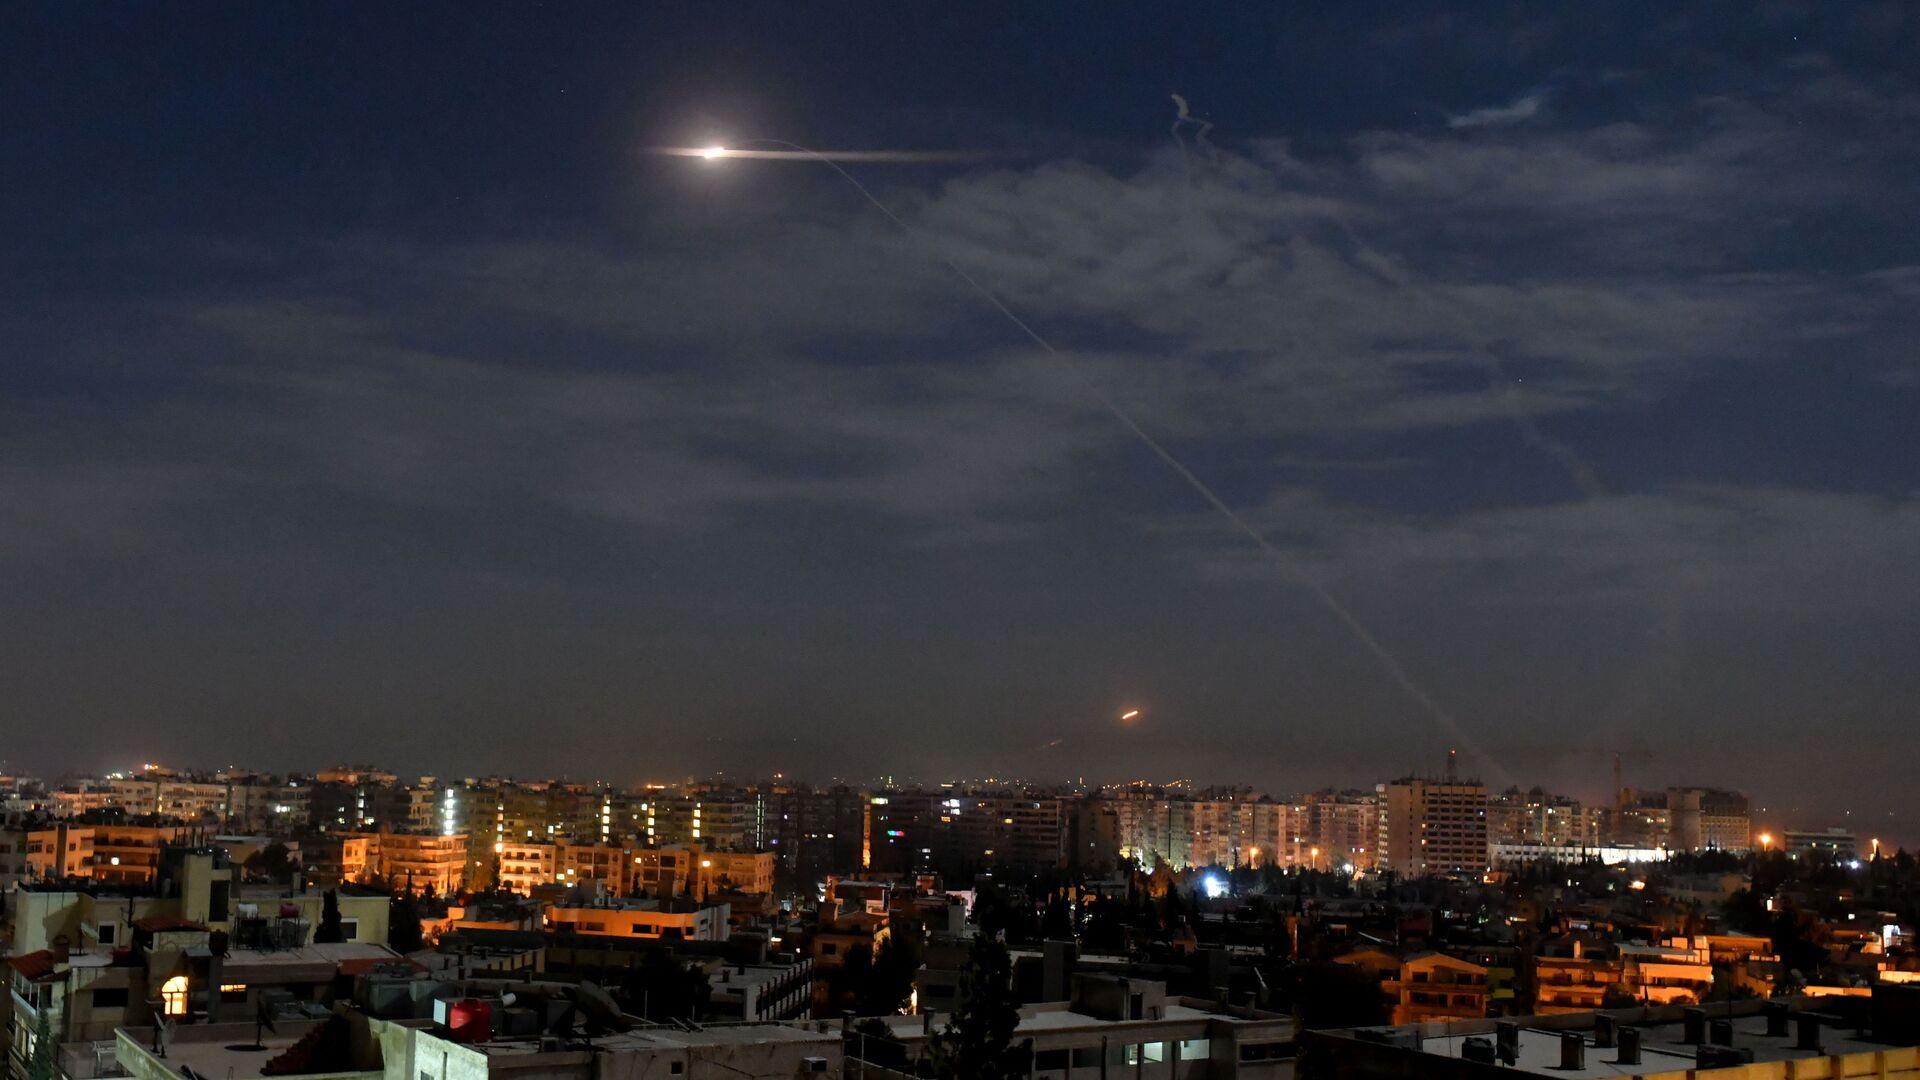 В Сирии заявили, что уничтожили несколько выпущенных по Латакии ракет